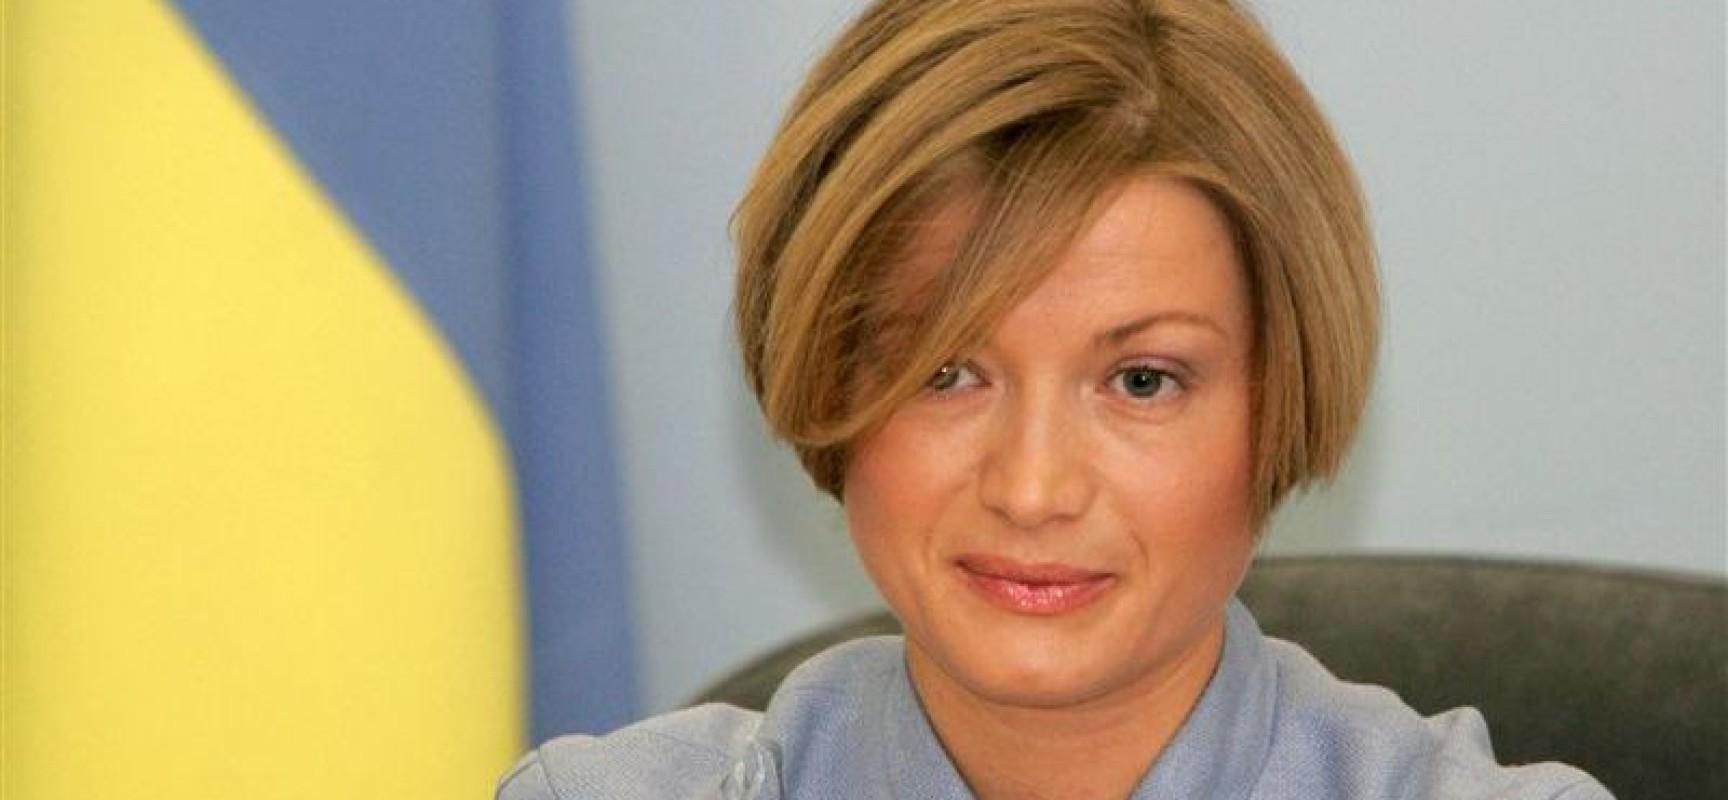 Аж челюсть отвисла: Геращенко рассказала секретную информацию о войне против Украины